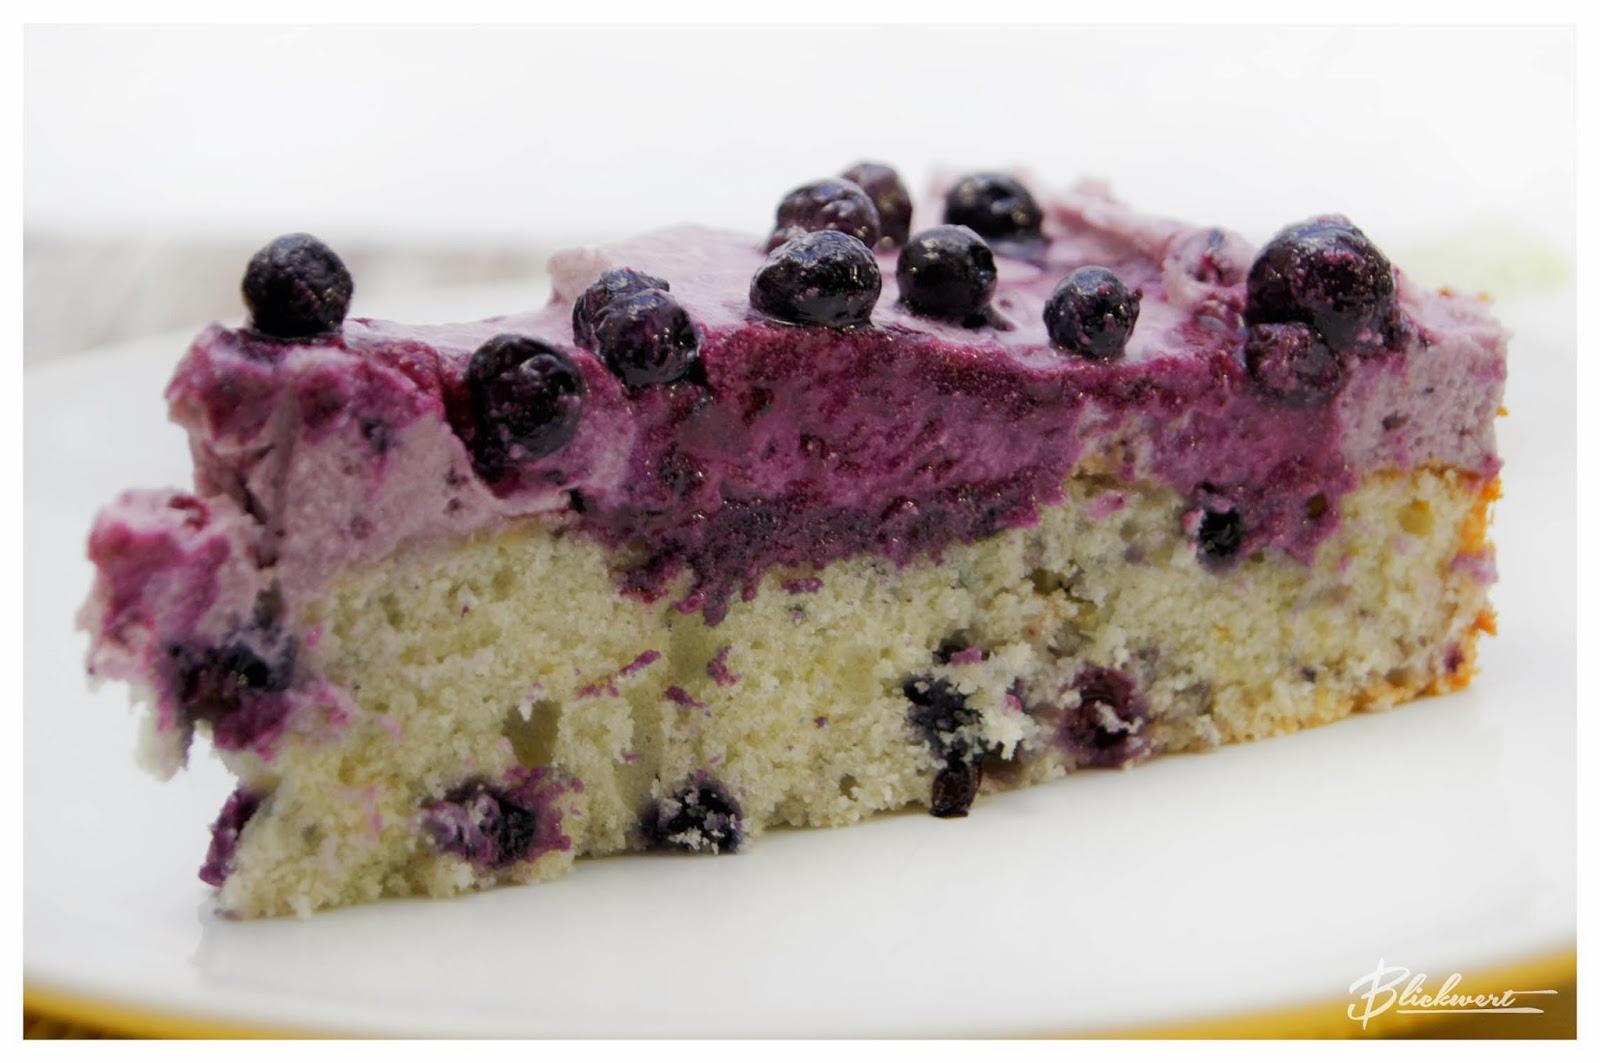 Blaubeerkuchen mit Pudding und Streusel | Kuchen, Cake and Cake boss